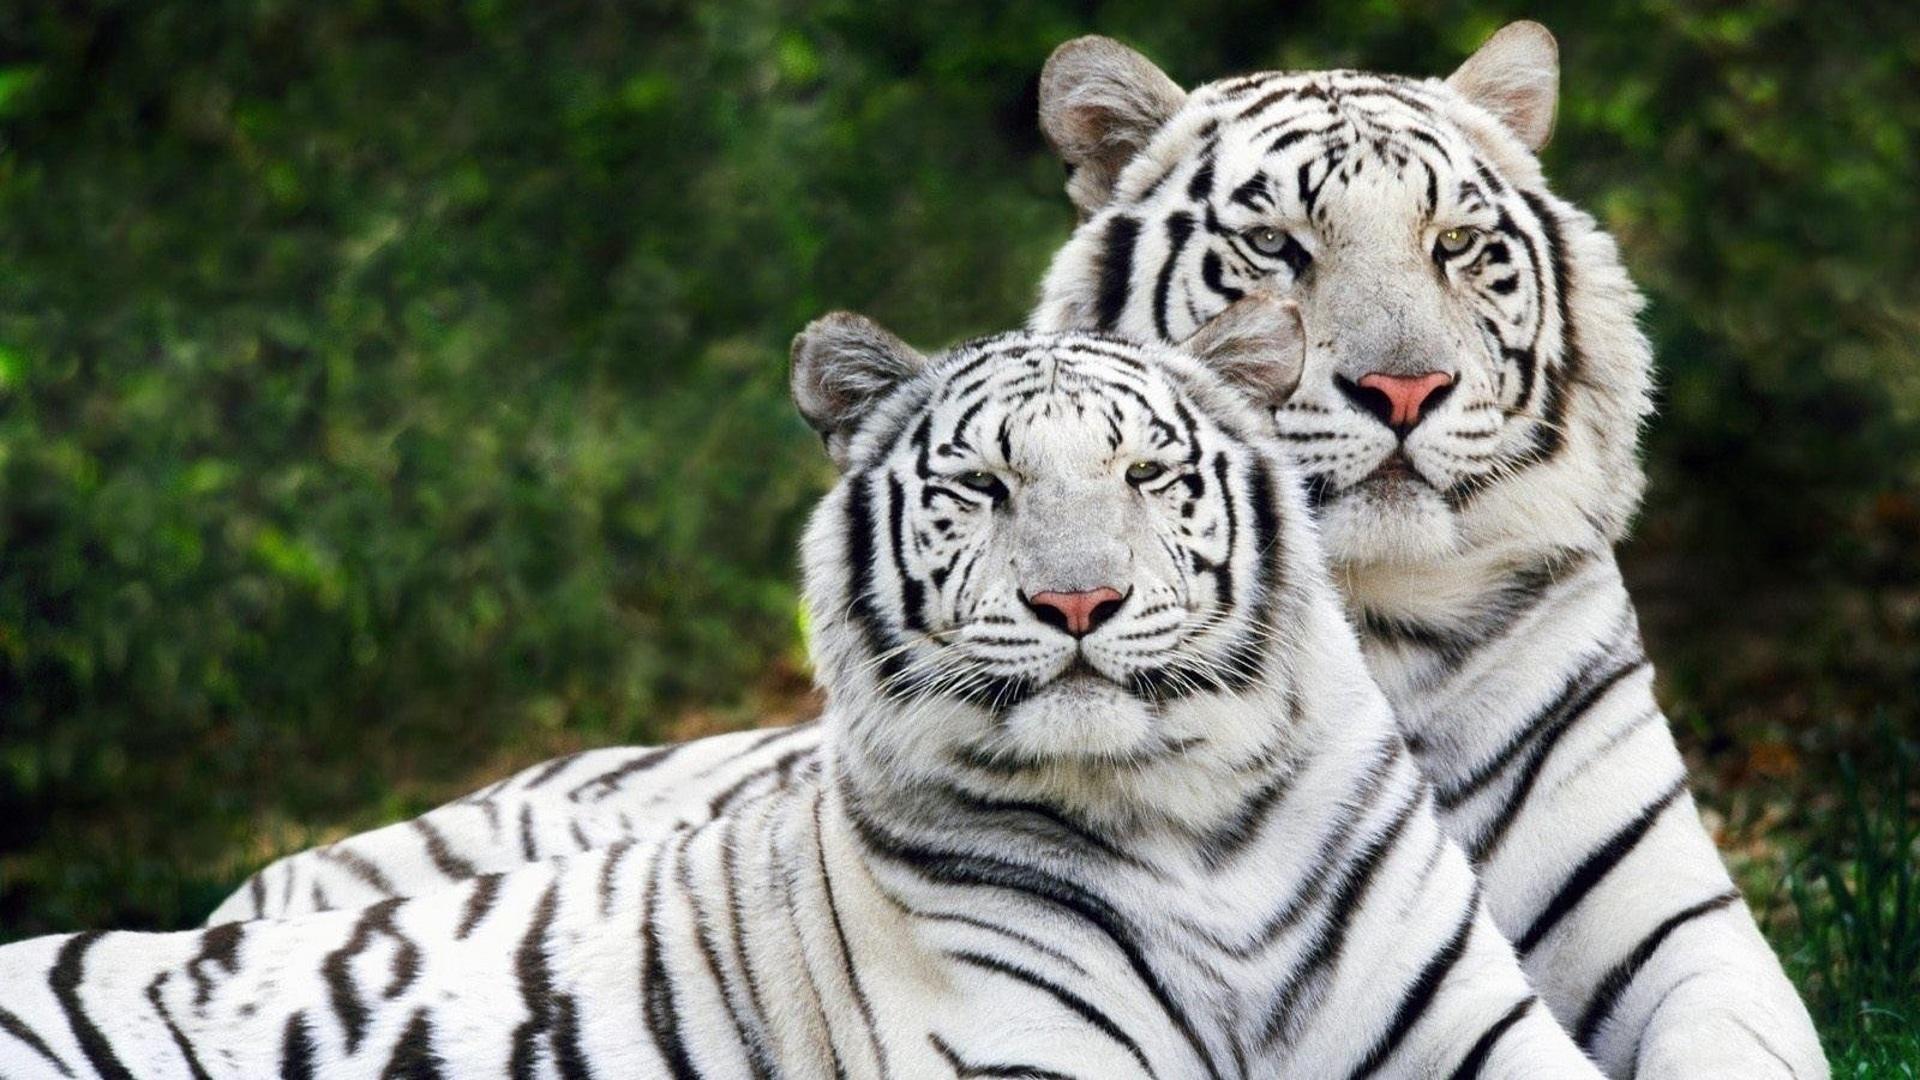 Тигрята на рабочий стол картинки (10)